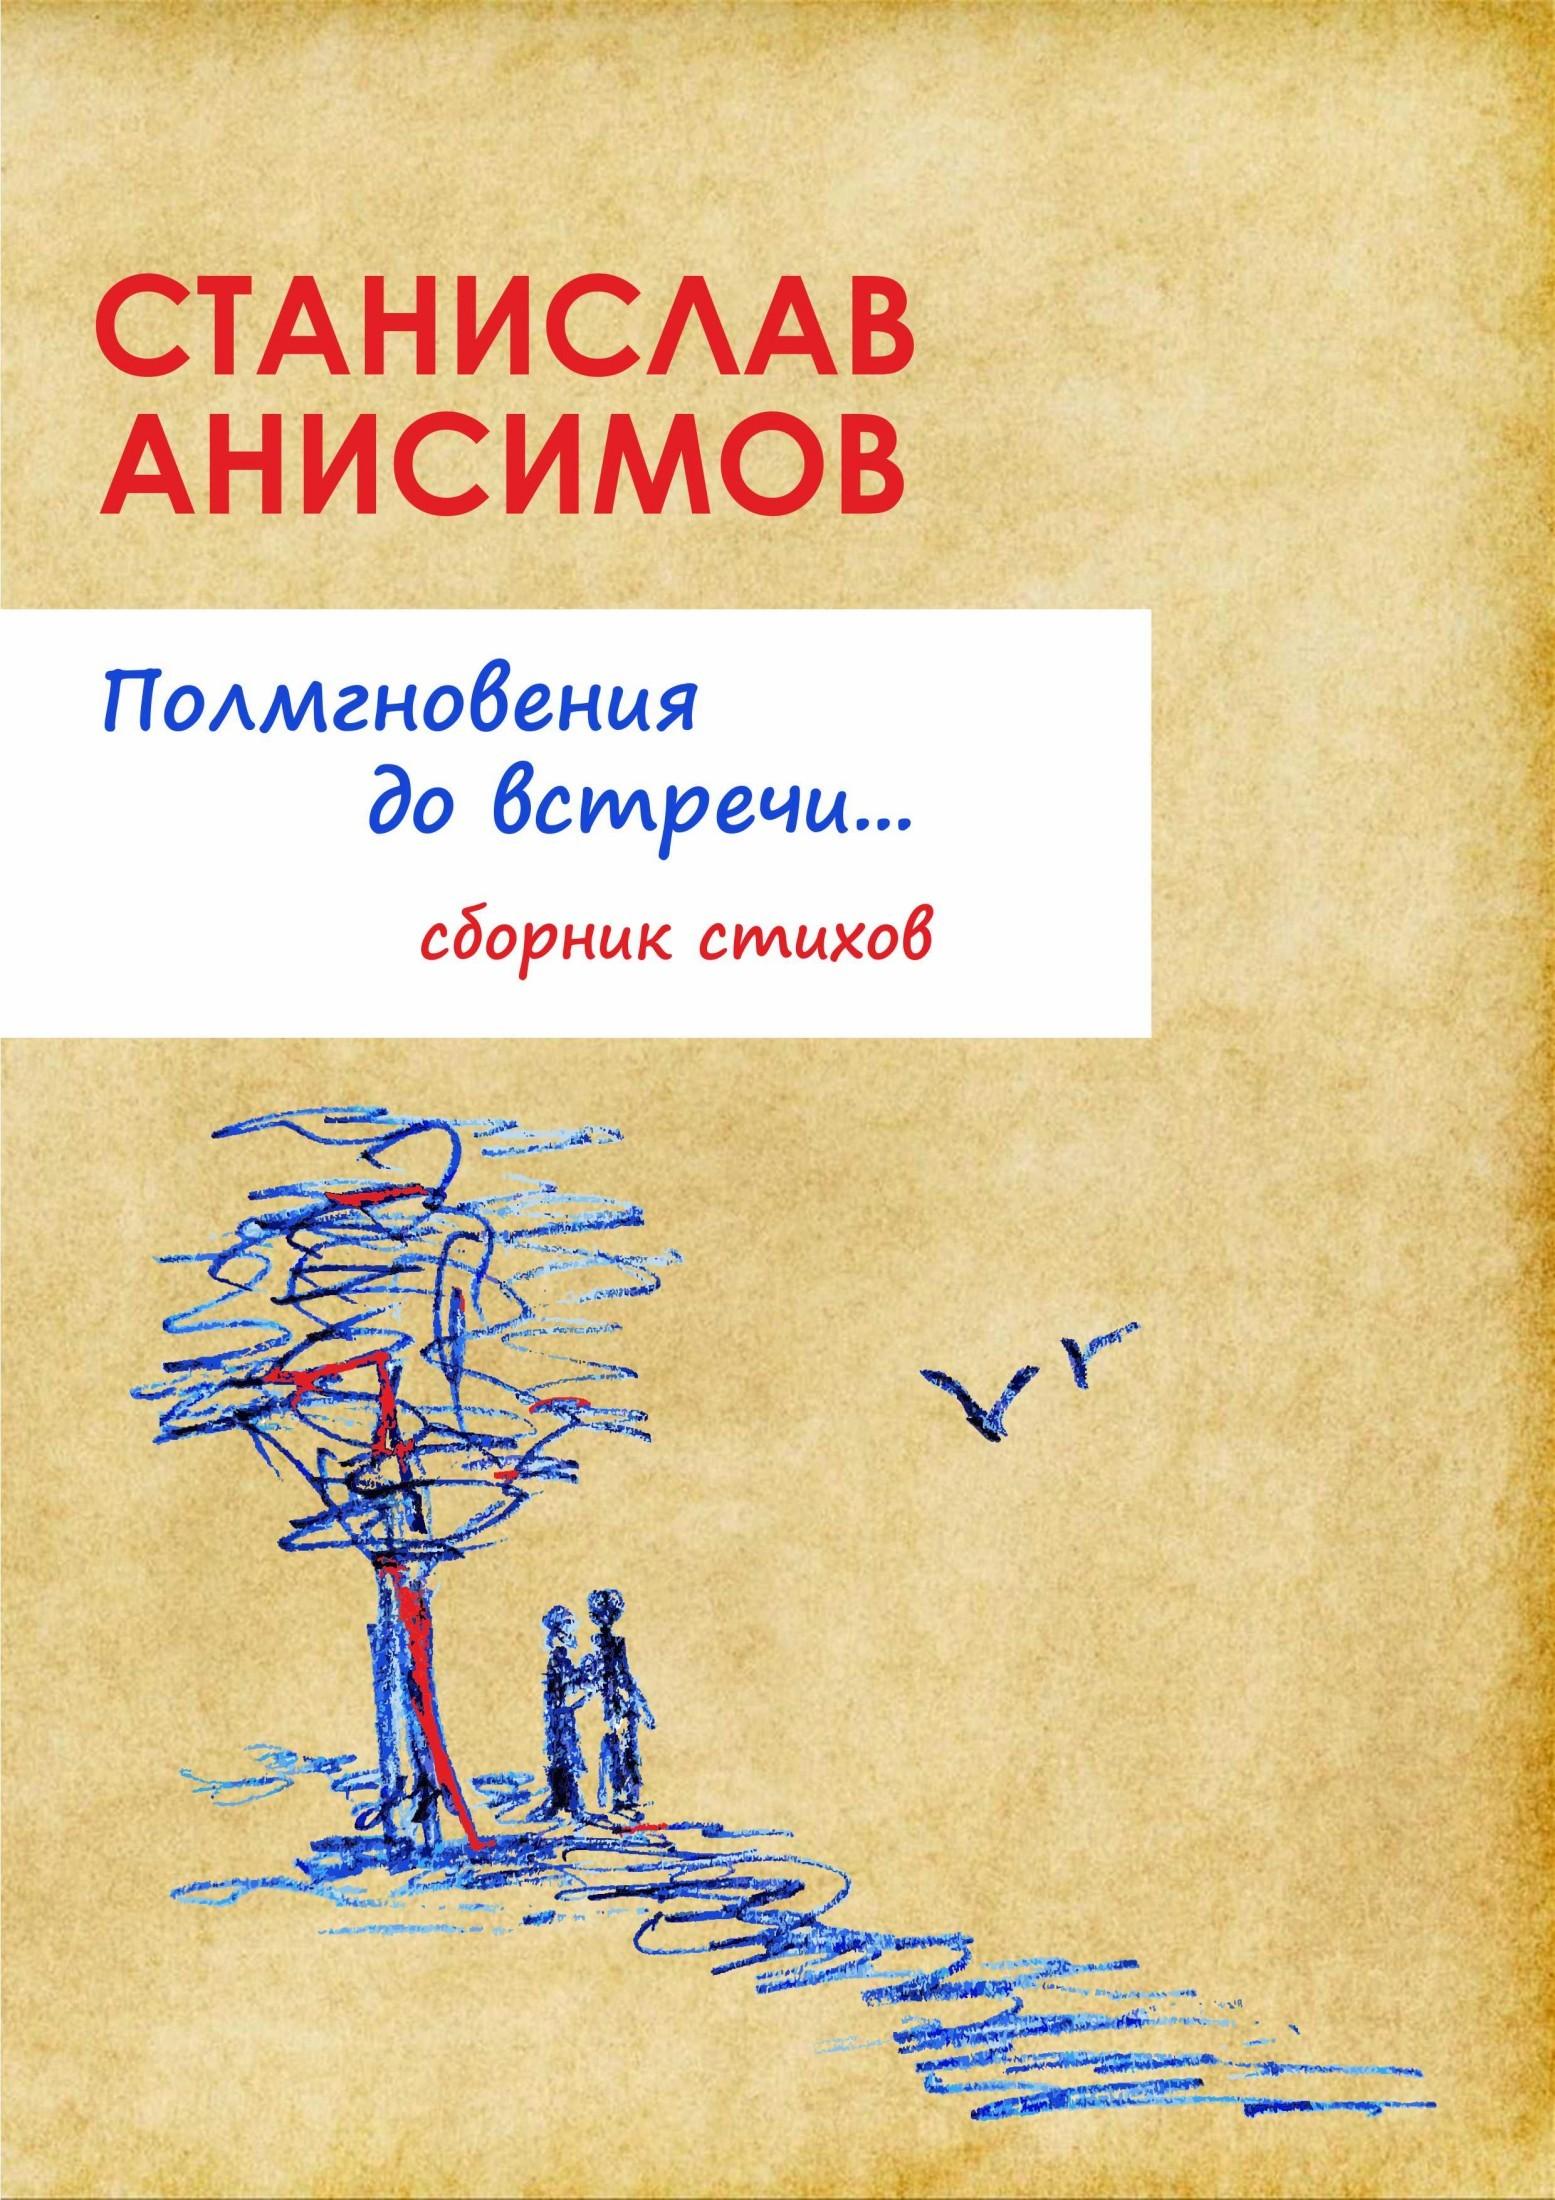 Станислав Анисимов Полмгновения до встречи… широта и долгота